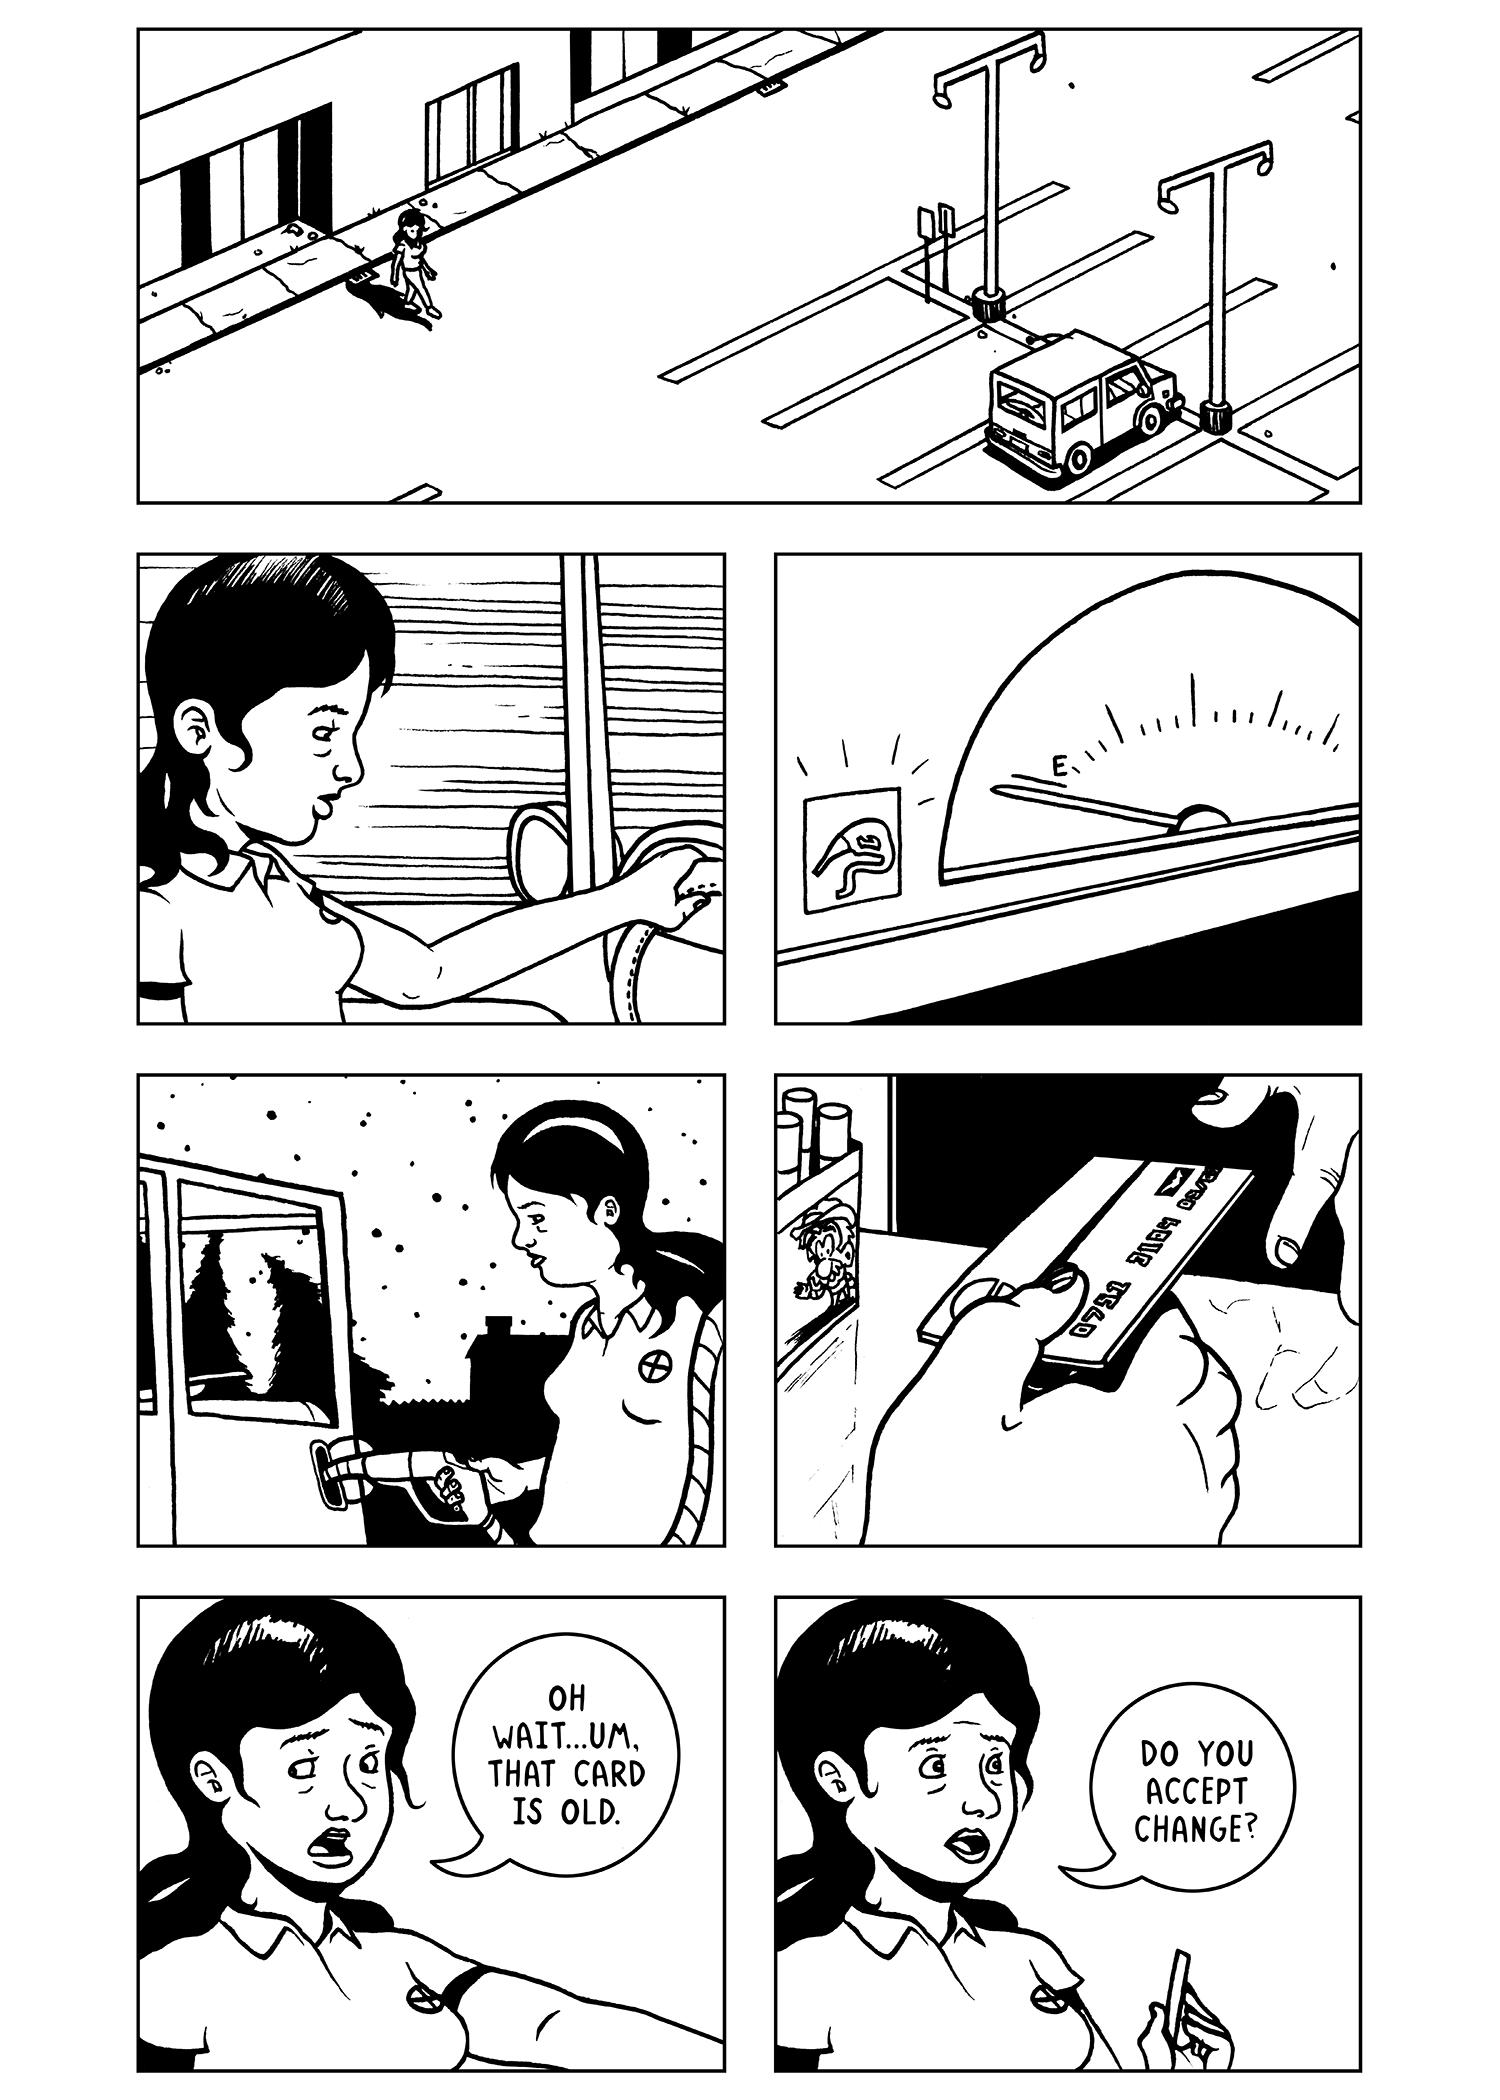 QWERTY_comic_16